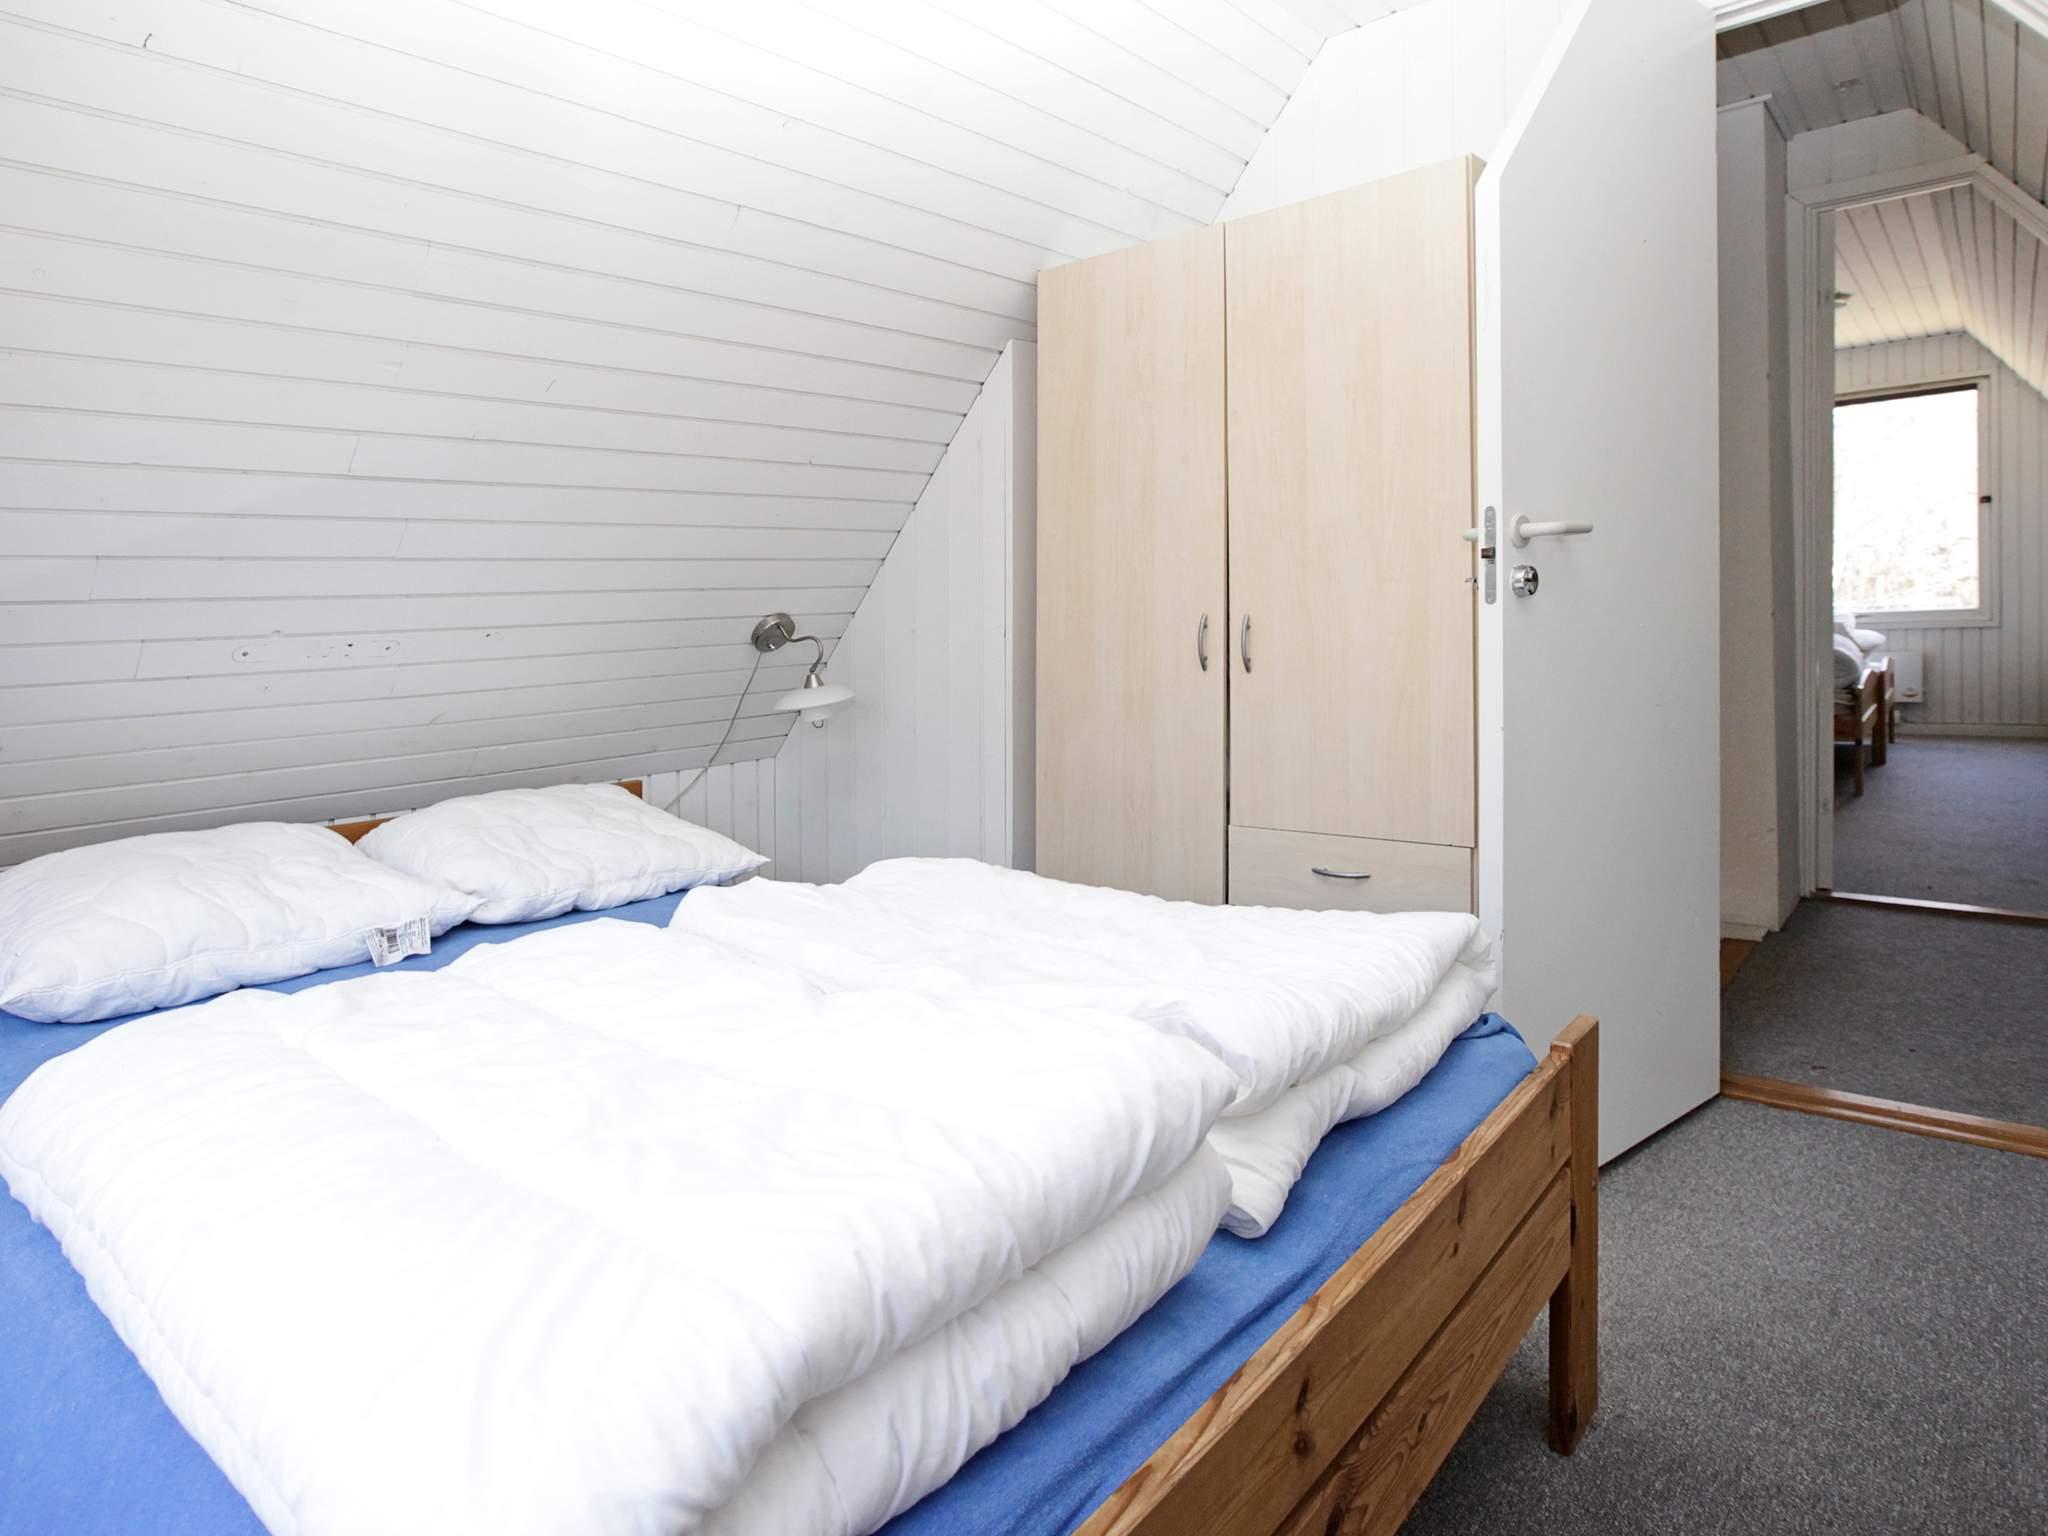 Ferienhaus Silkeborg (757425), Silkeborg, , Ostjütland, Dänemark, Bild 13